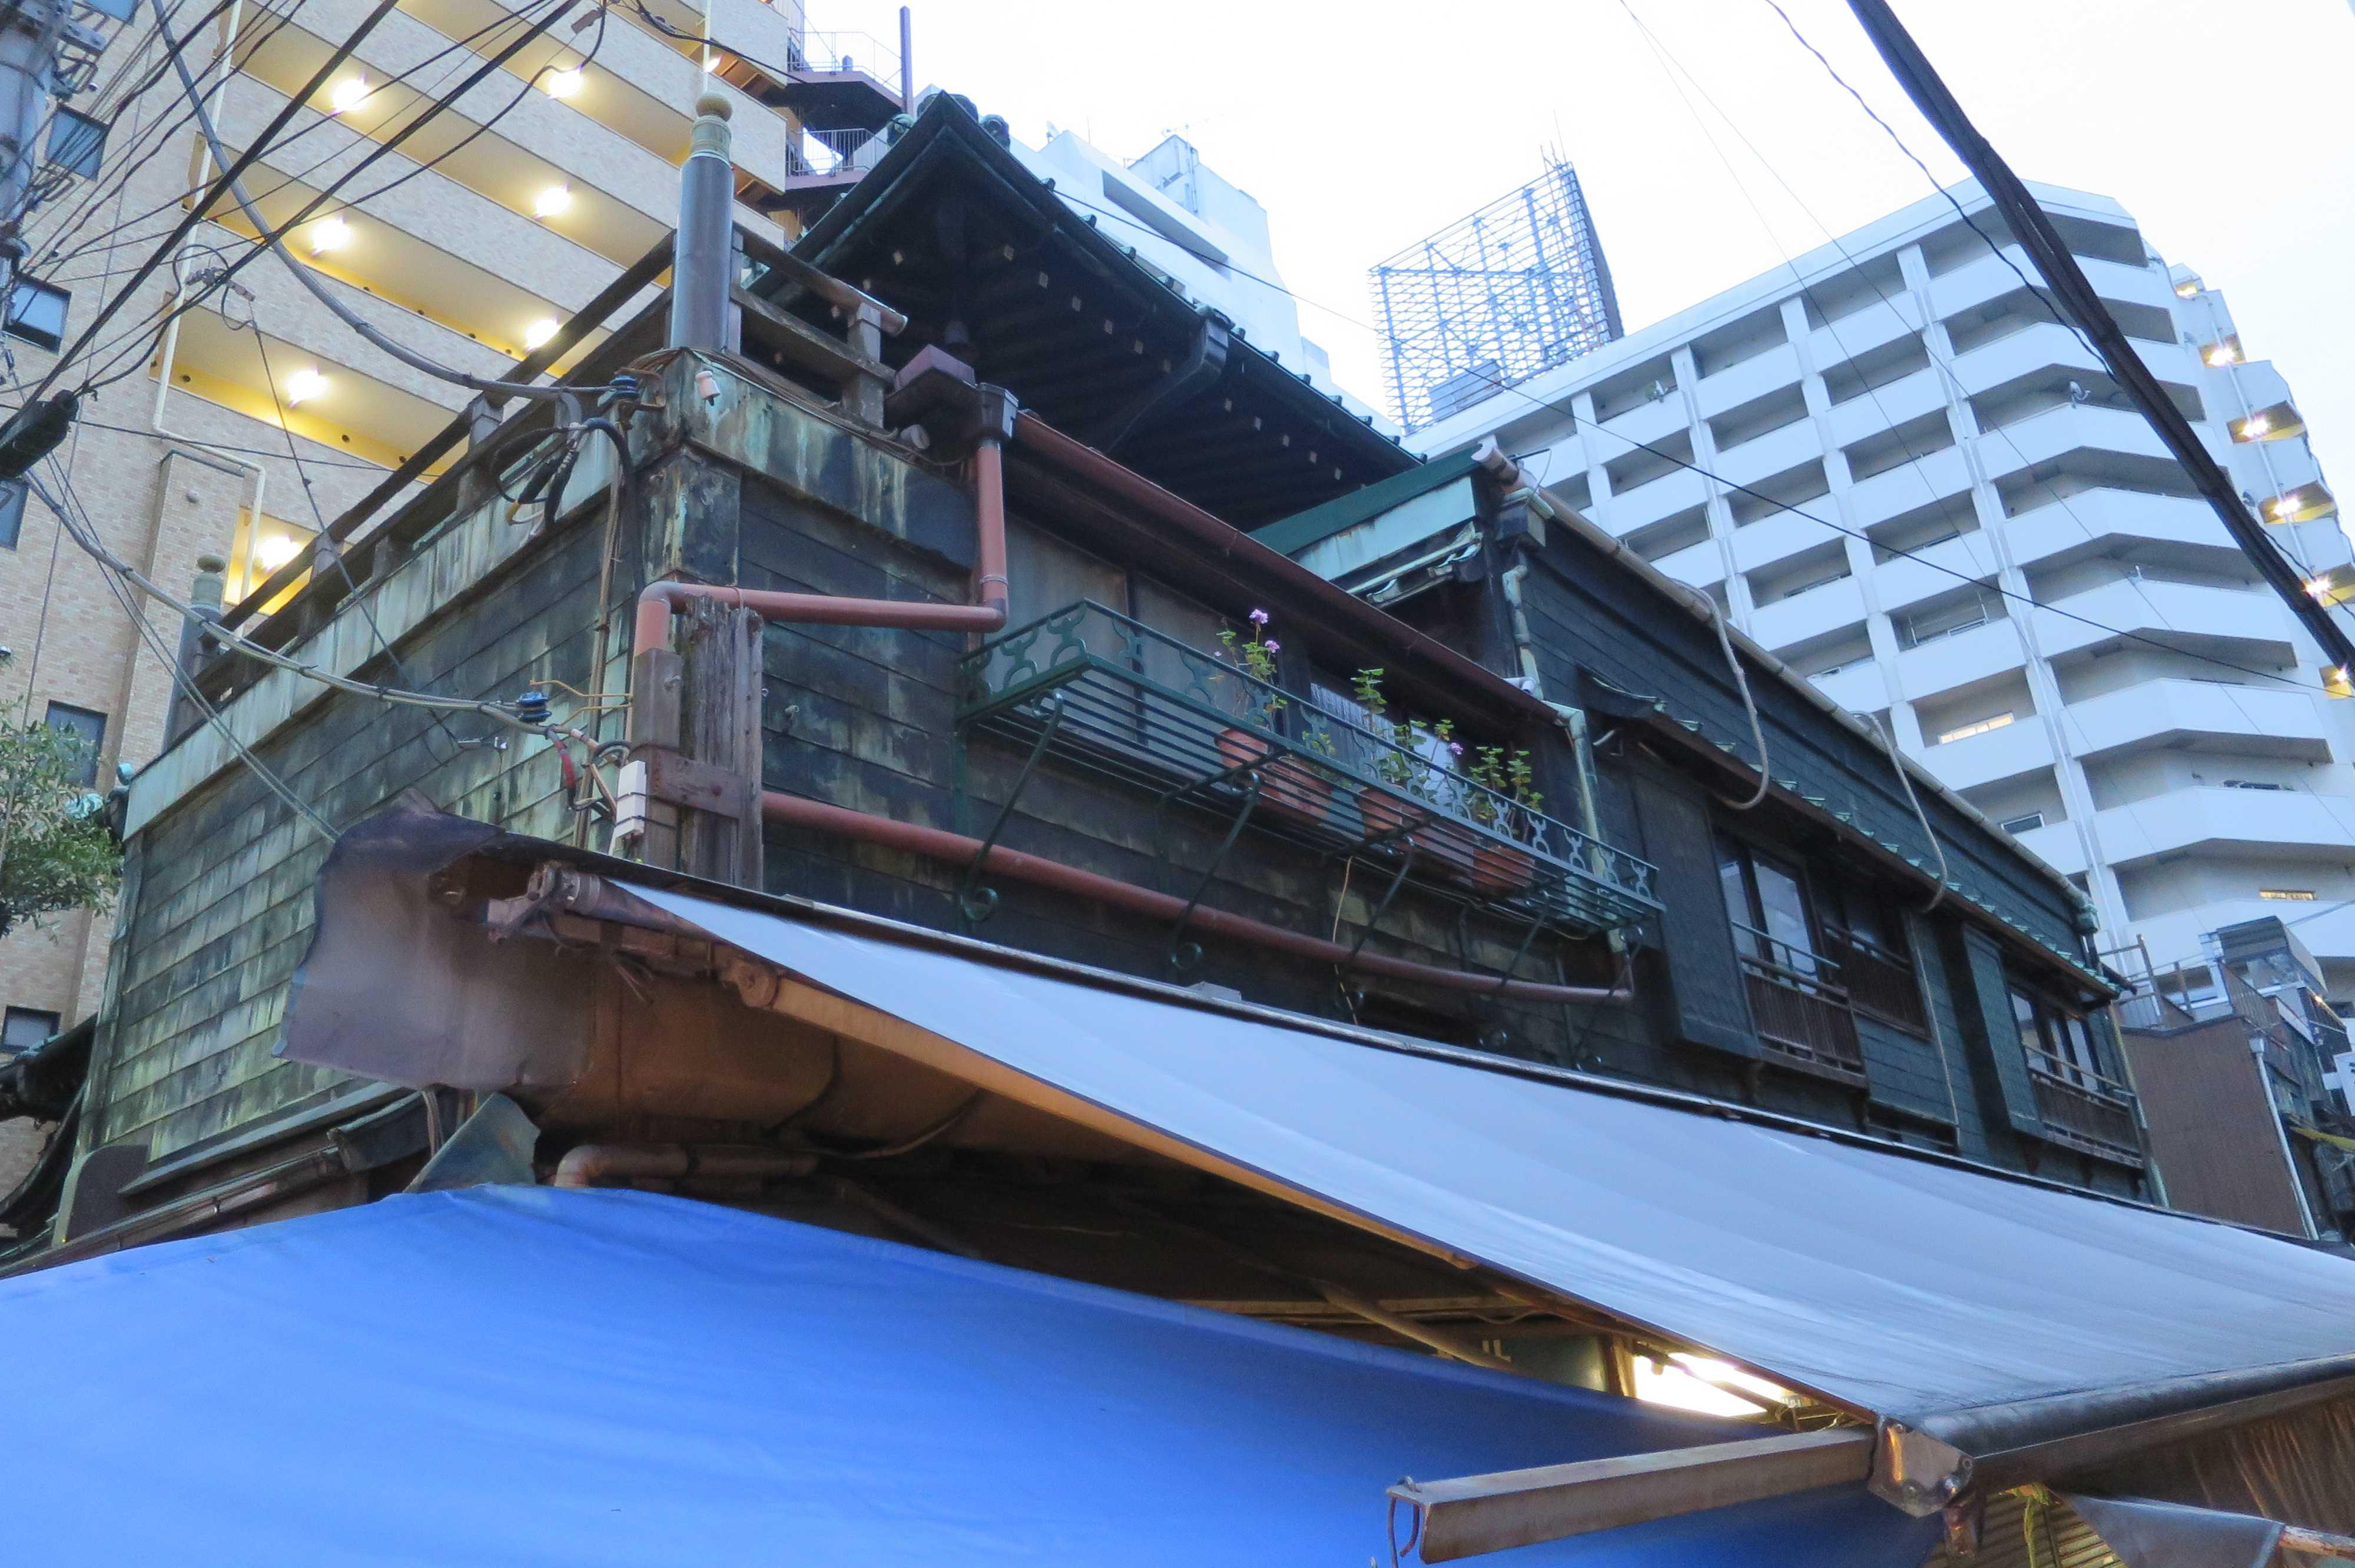 築地場外市場 - 銅板葺きの看板建築